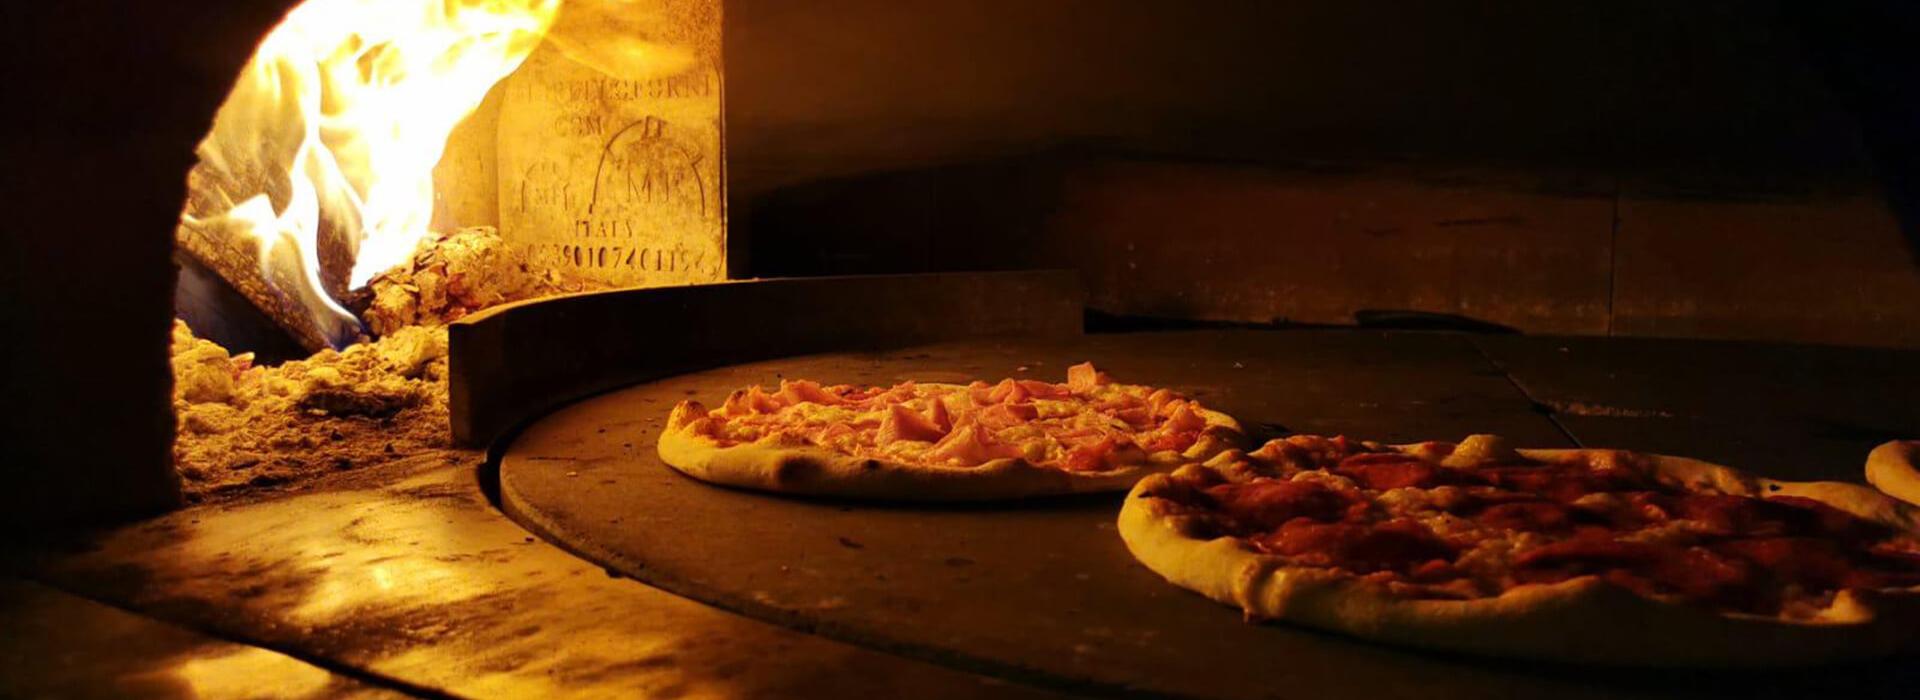 Pizzeria La Piazza Saalfelden